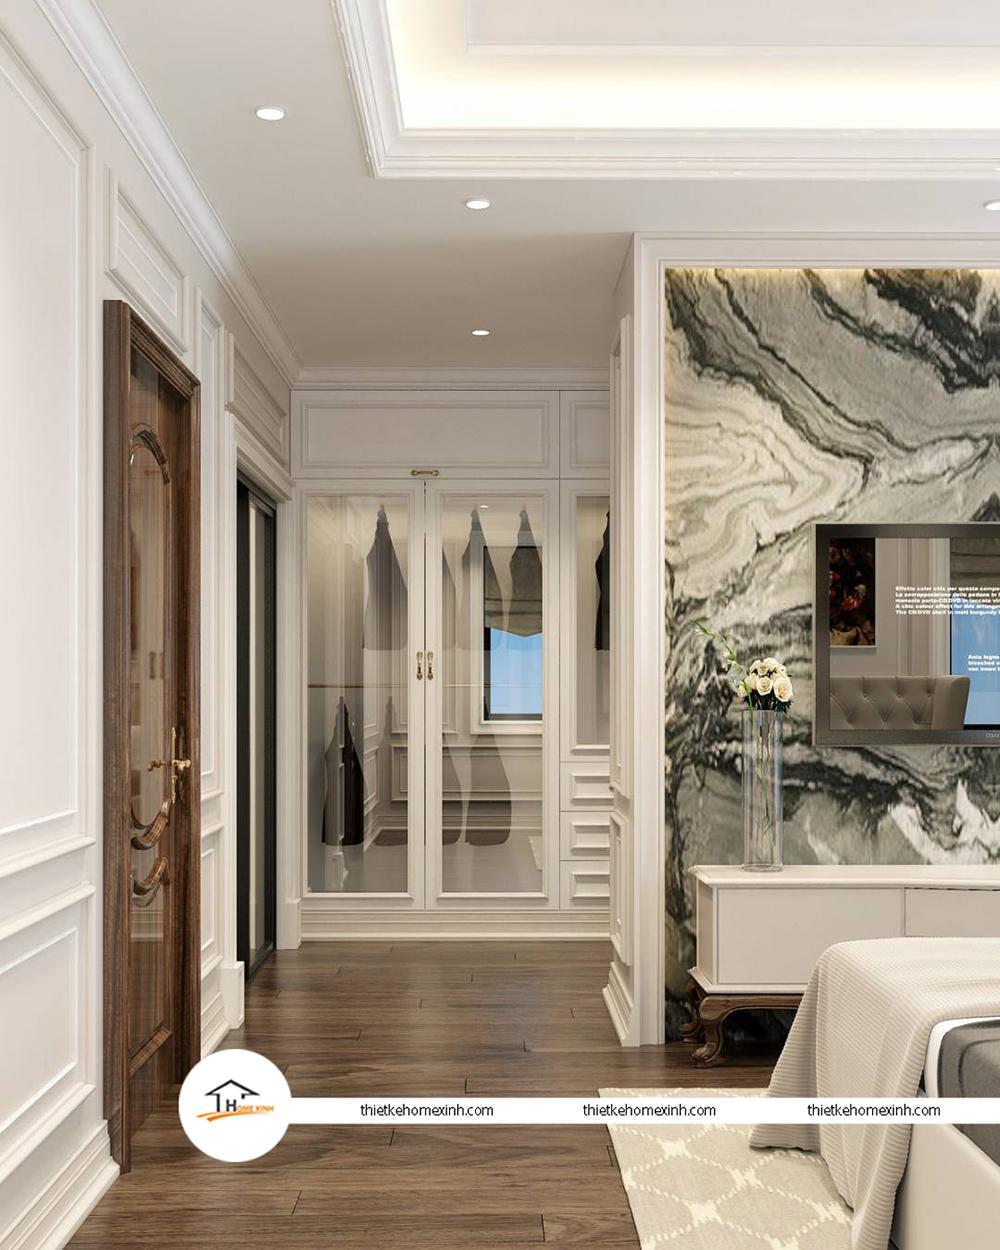 Thiết kế nội thất phòng ngủ hiện đại tại biệt thự Tiên Du, Bắc Ninh - 220121